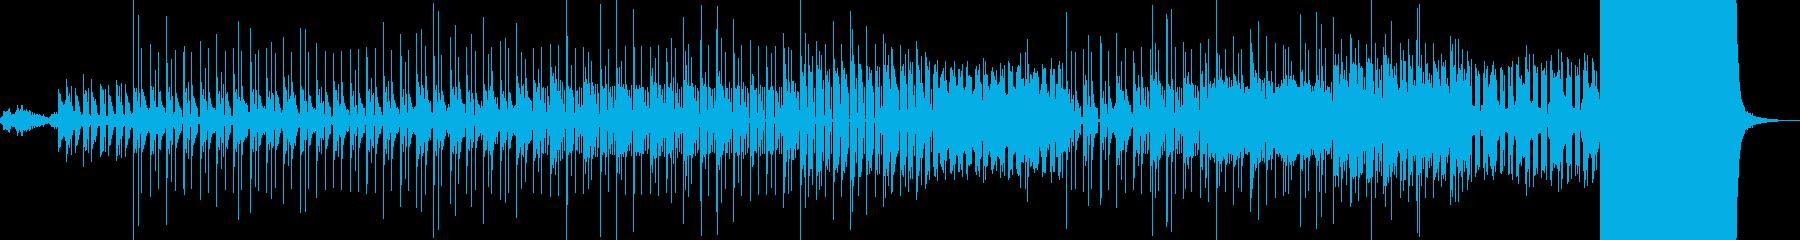 水のような浮遊感のある電子音楽の再生済みの波形